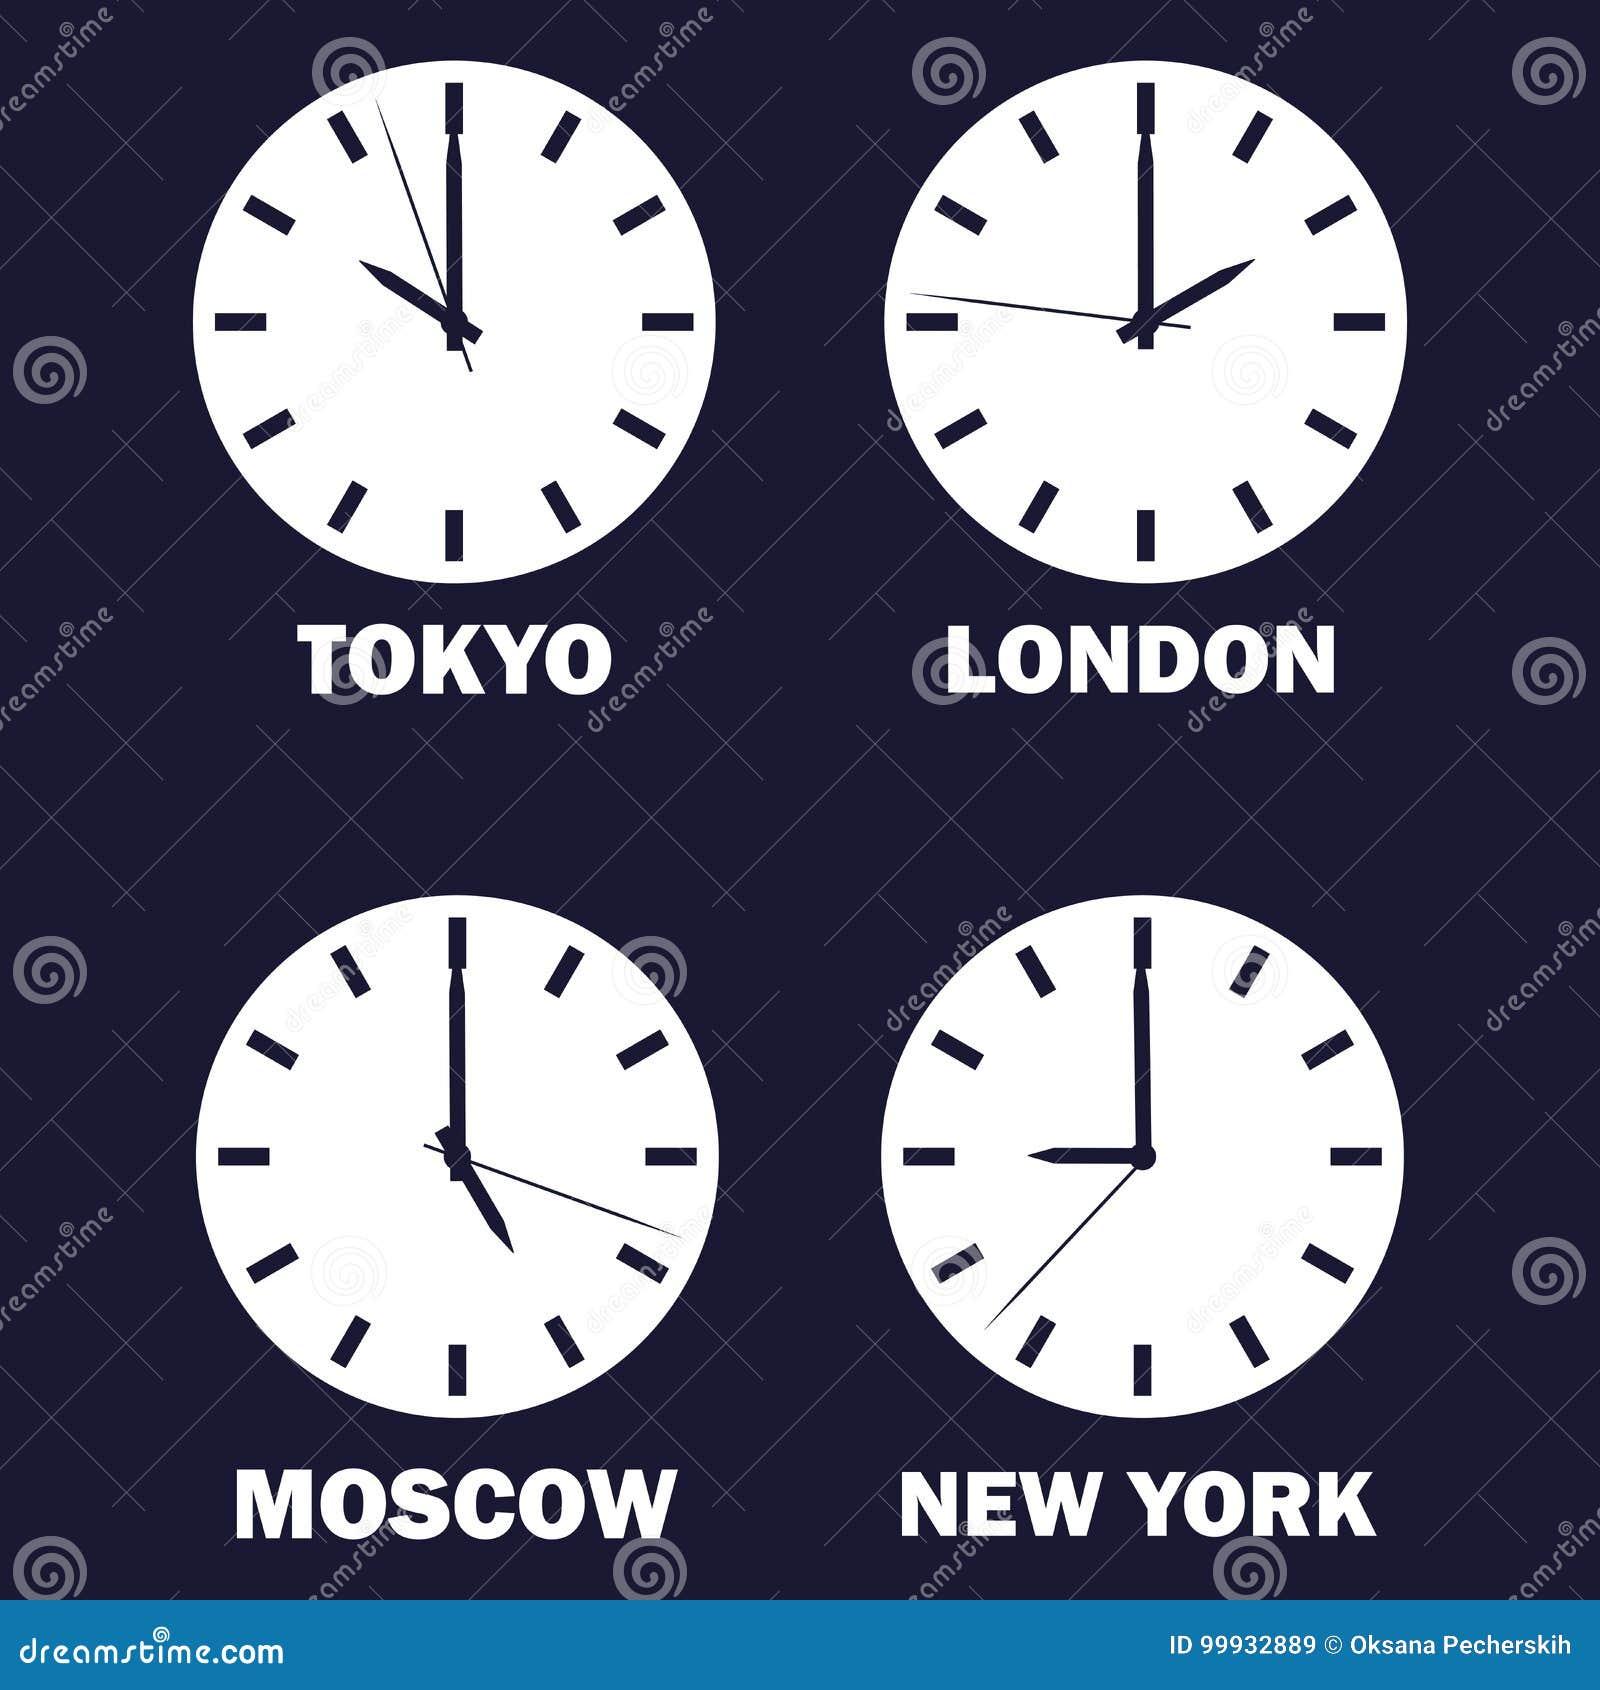 Set zegary pokazuje czas różnicę w różnych strefach czasowych wokoło zegarowych zegarów pokazywać czas timezone świat międzynarod